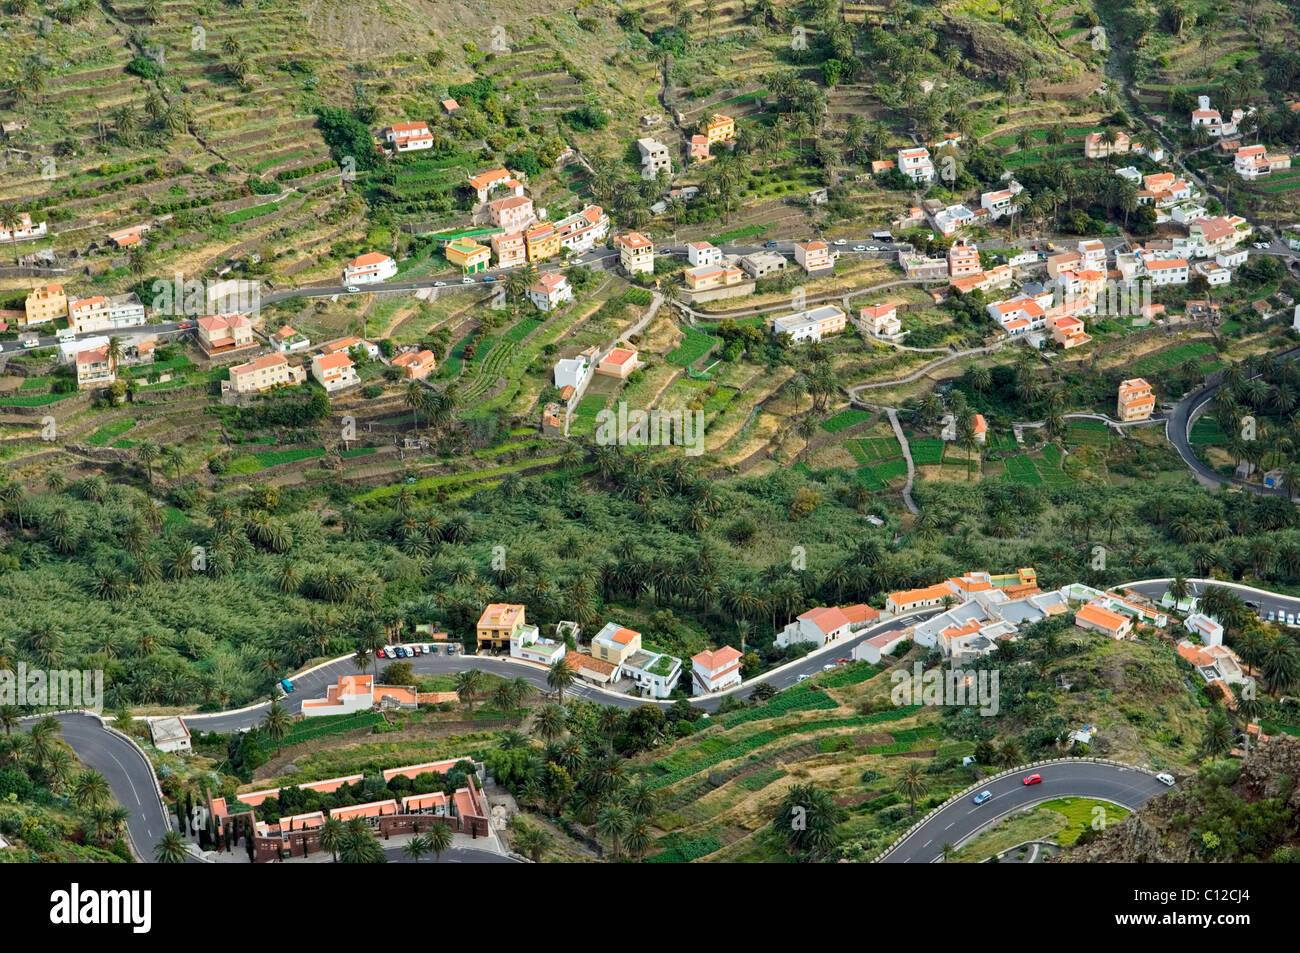 En La Gomera, Islas Canarias. Casas Rurales, apartamentos y terrazas de cultivo hacia la cabeza de Valle Gran Rey Imagen De Stock